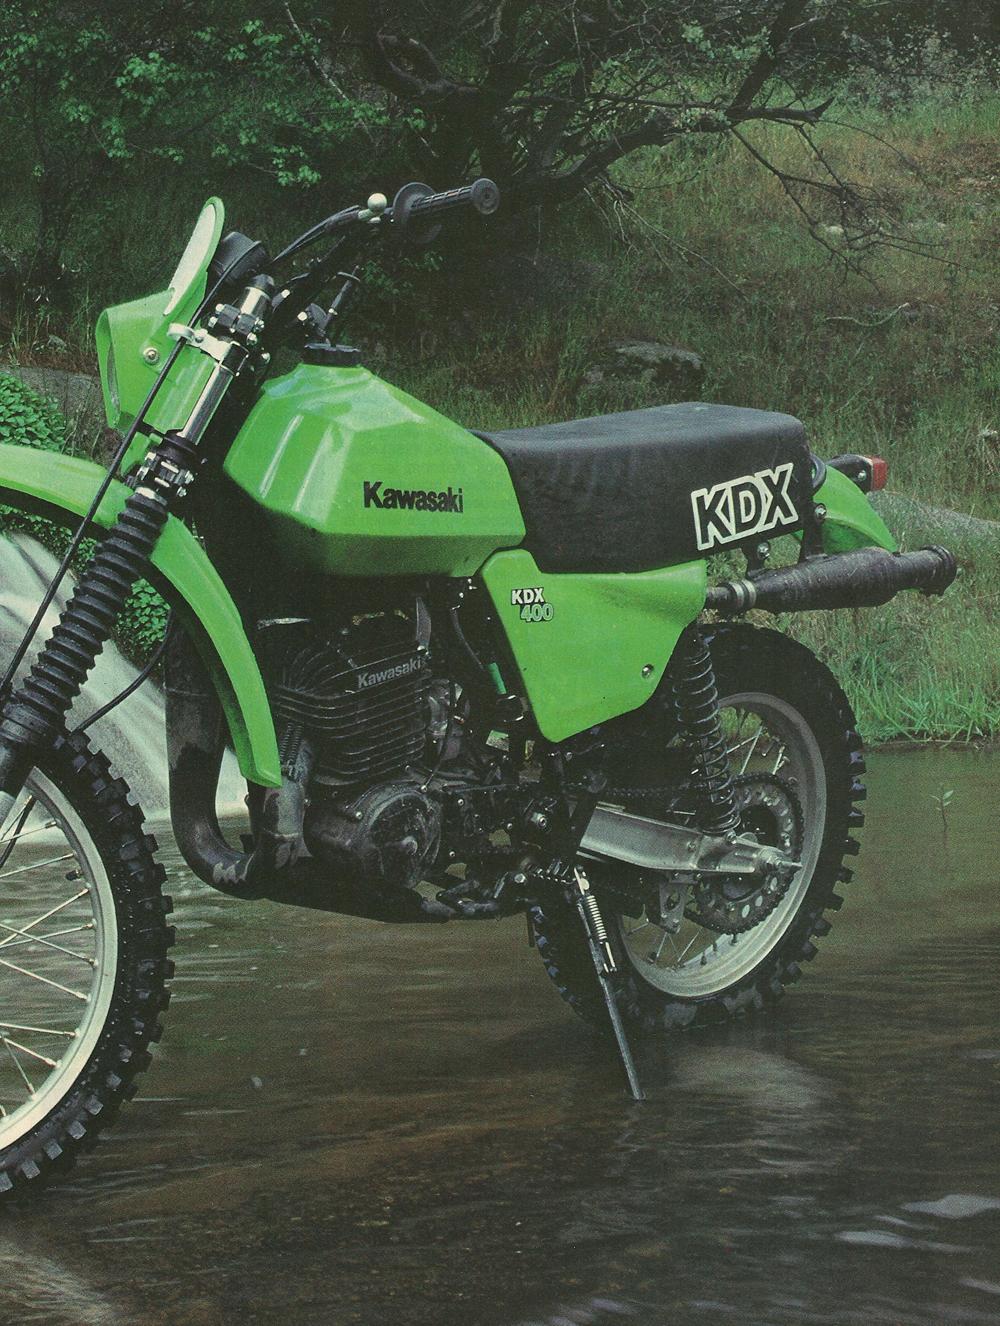 1979 Kawasaki KDX400 off road test 4.jpg